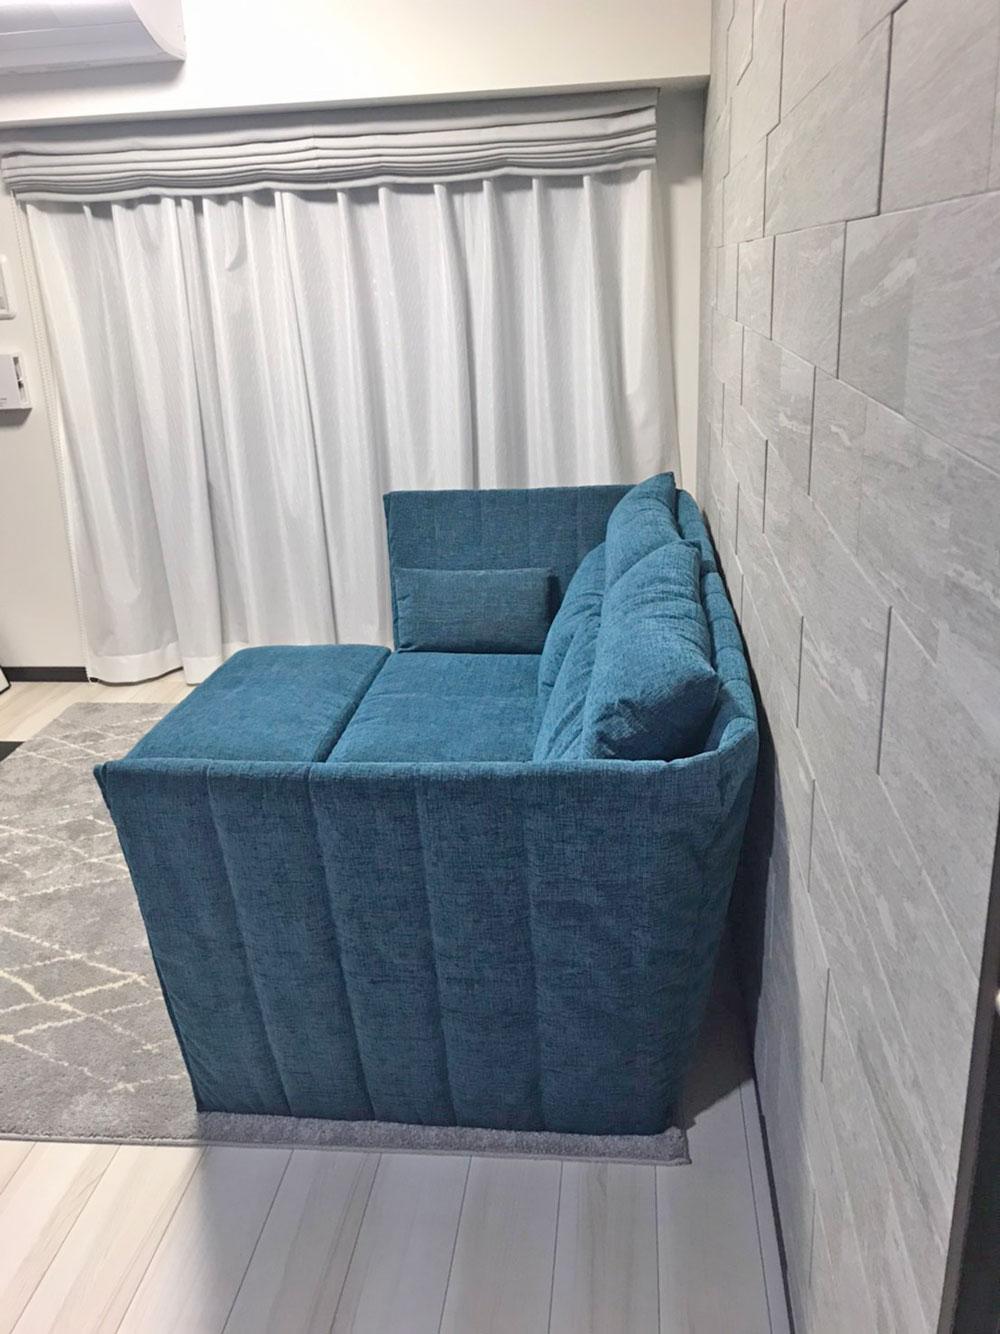 かこみソファ+オットマンでより贅沢な座り心地に。【国産ローソファ・フロアソファ専門店HAREM】